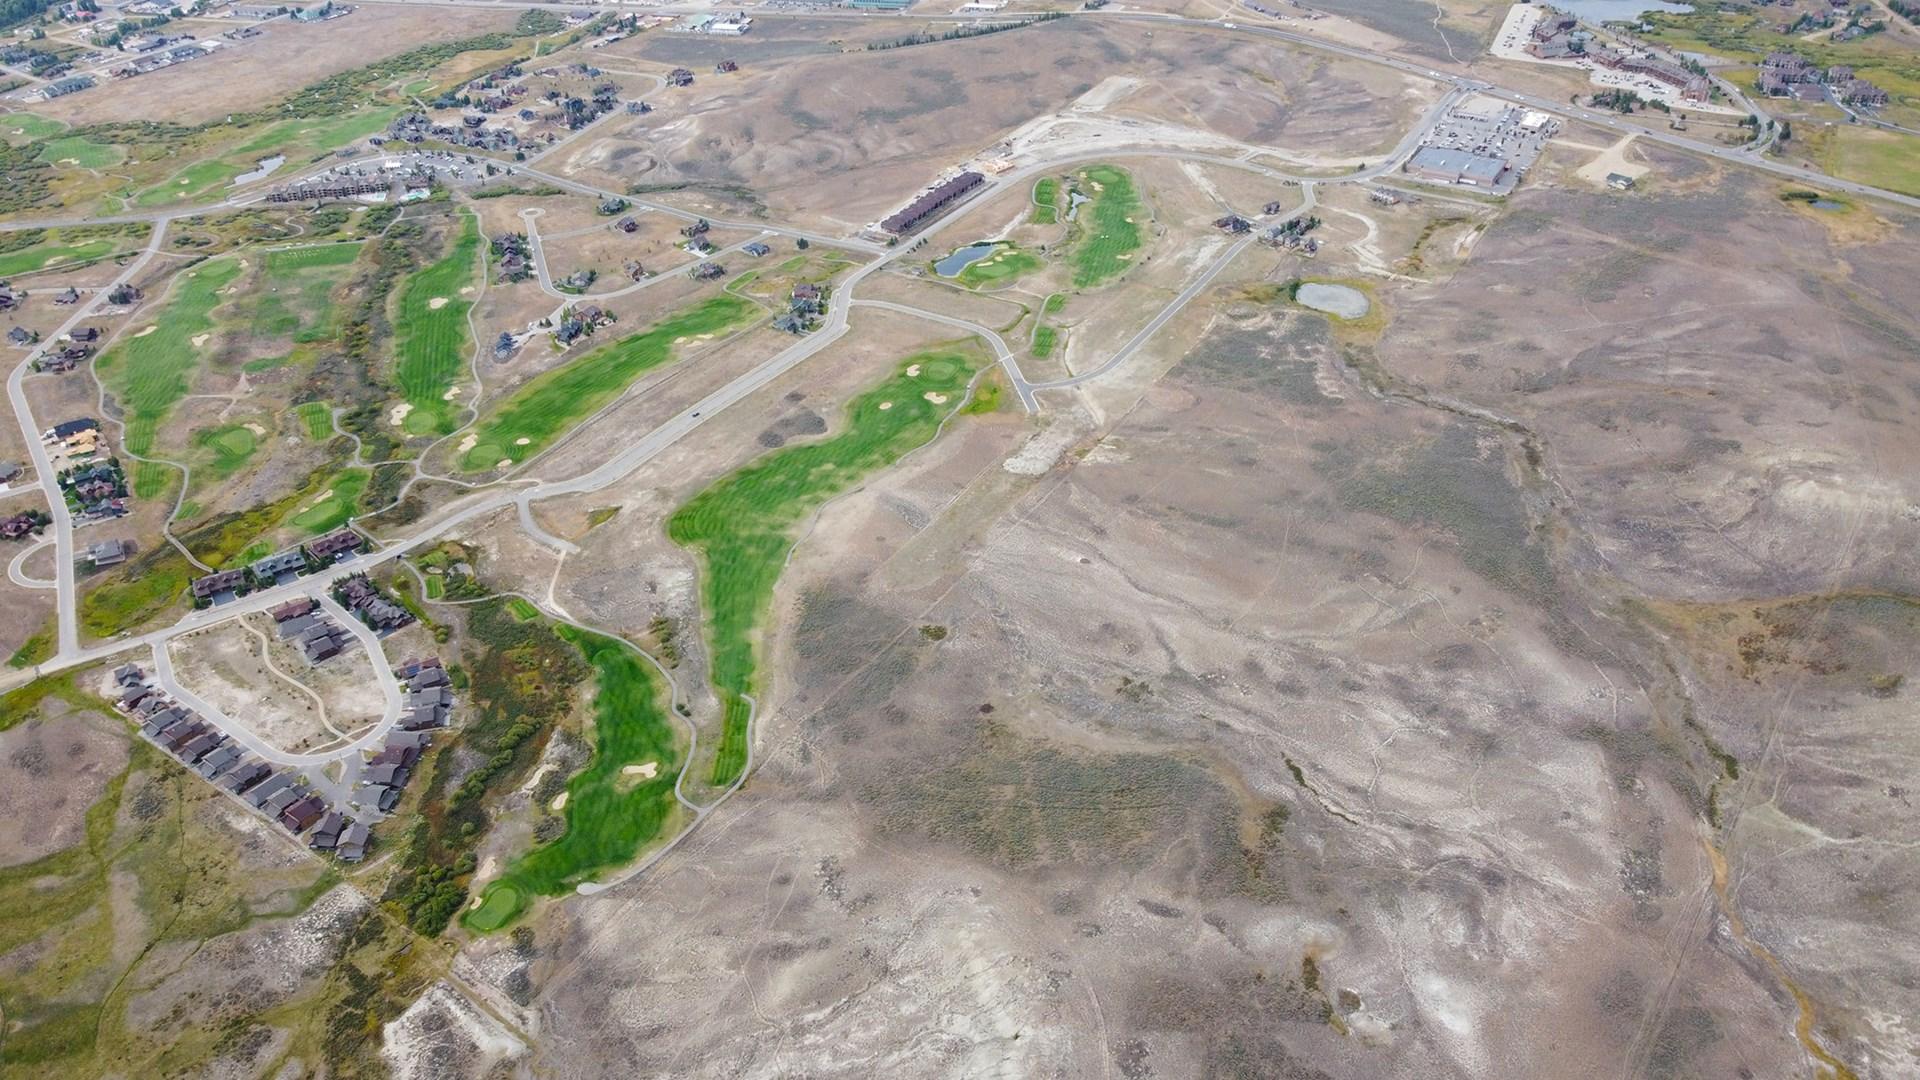 LAND AUCTION! Granby CO development land for sale